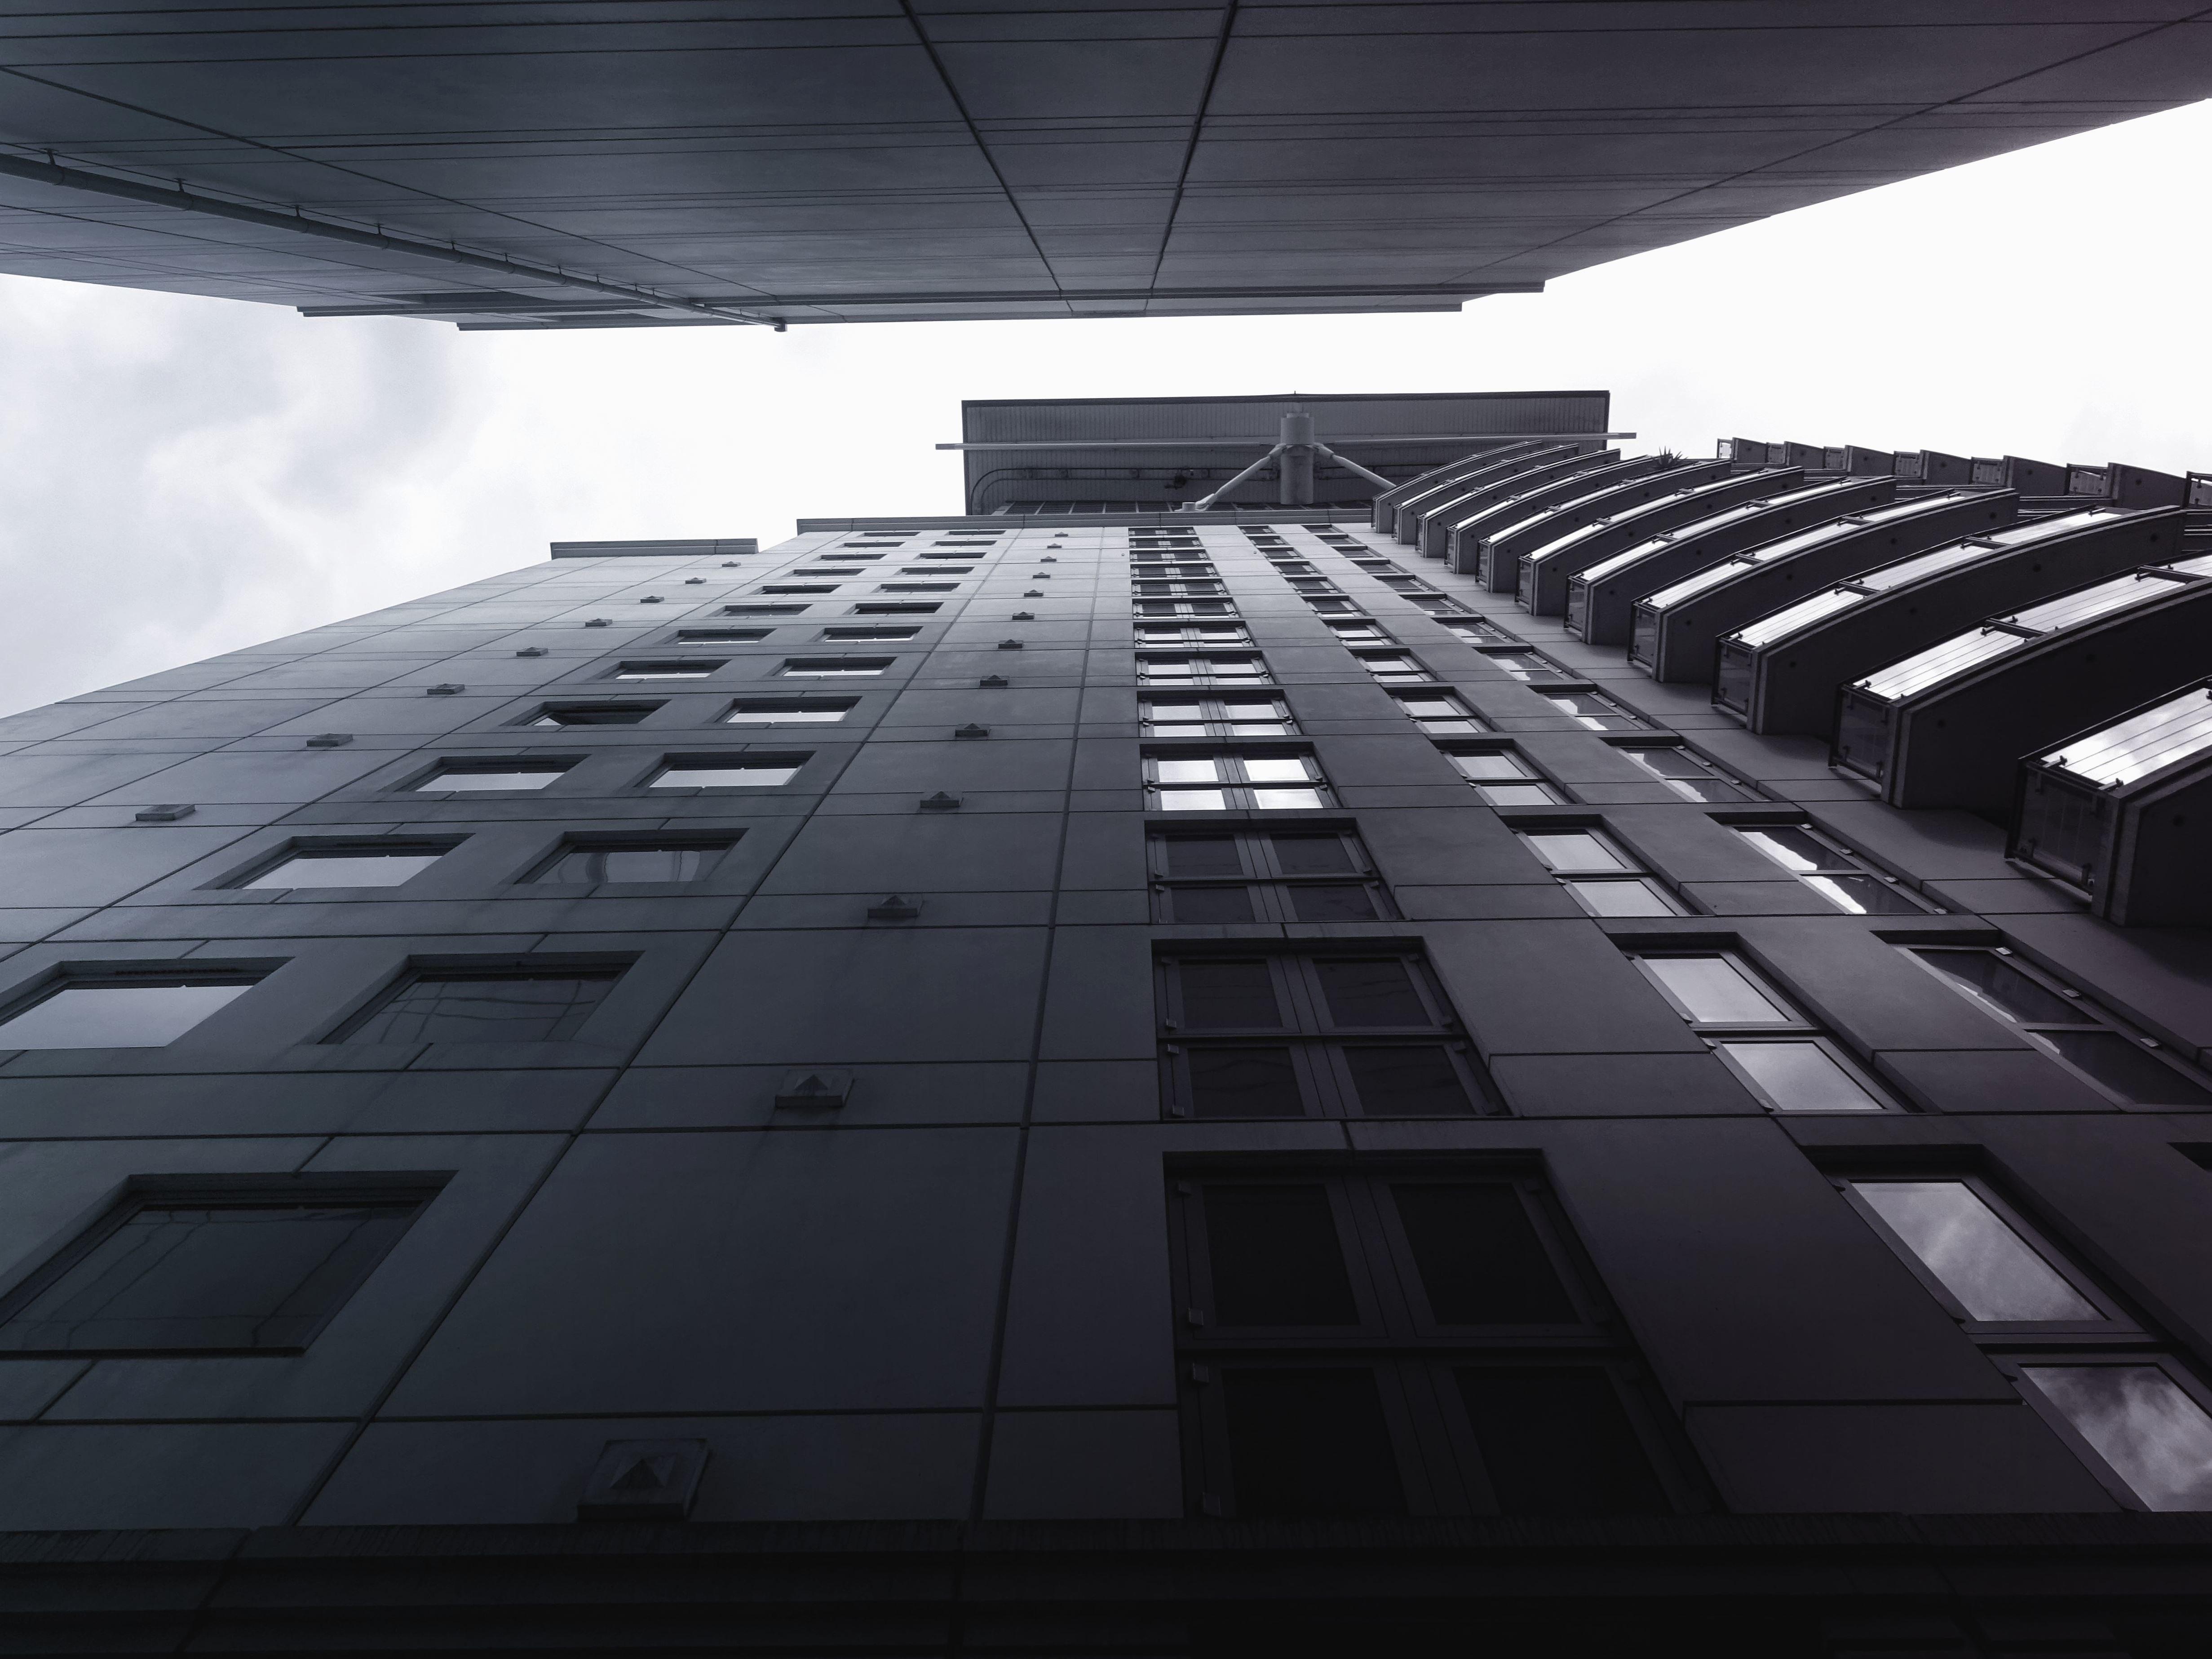 Imagen Gratis Arquitectura Cielo Terraza Edificio